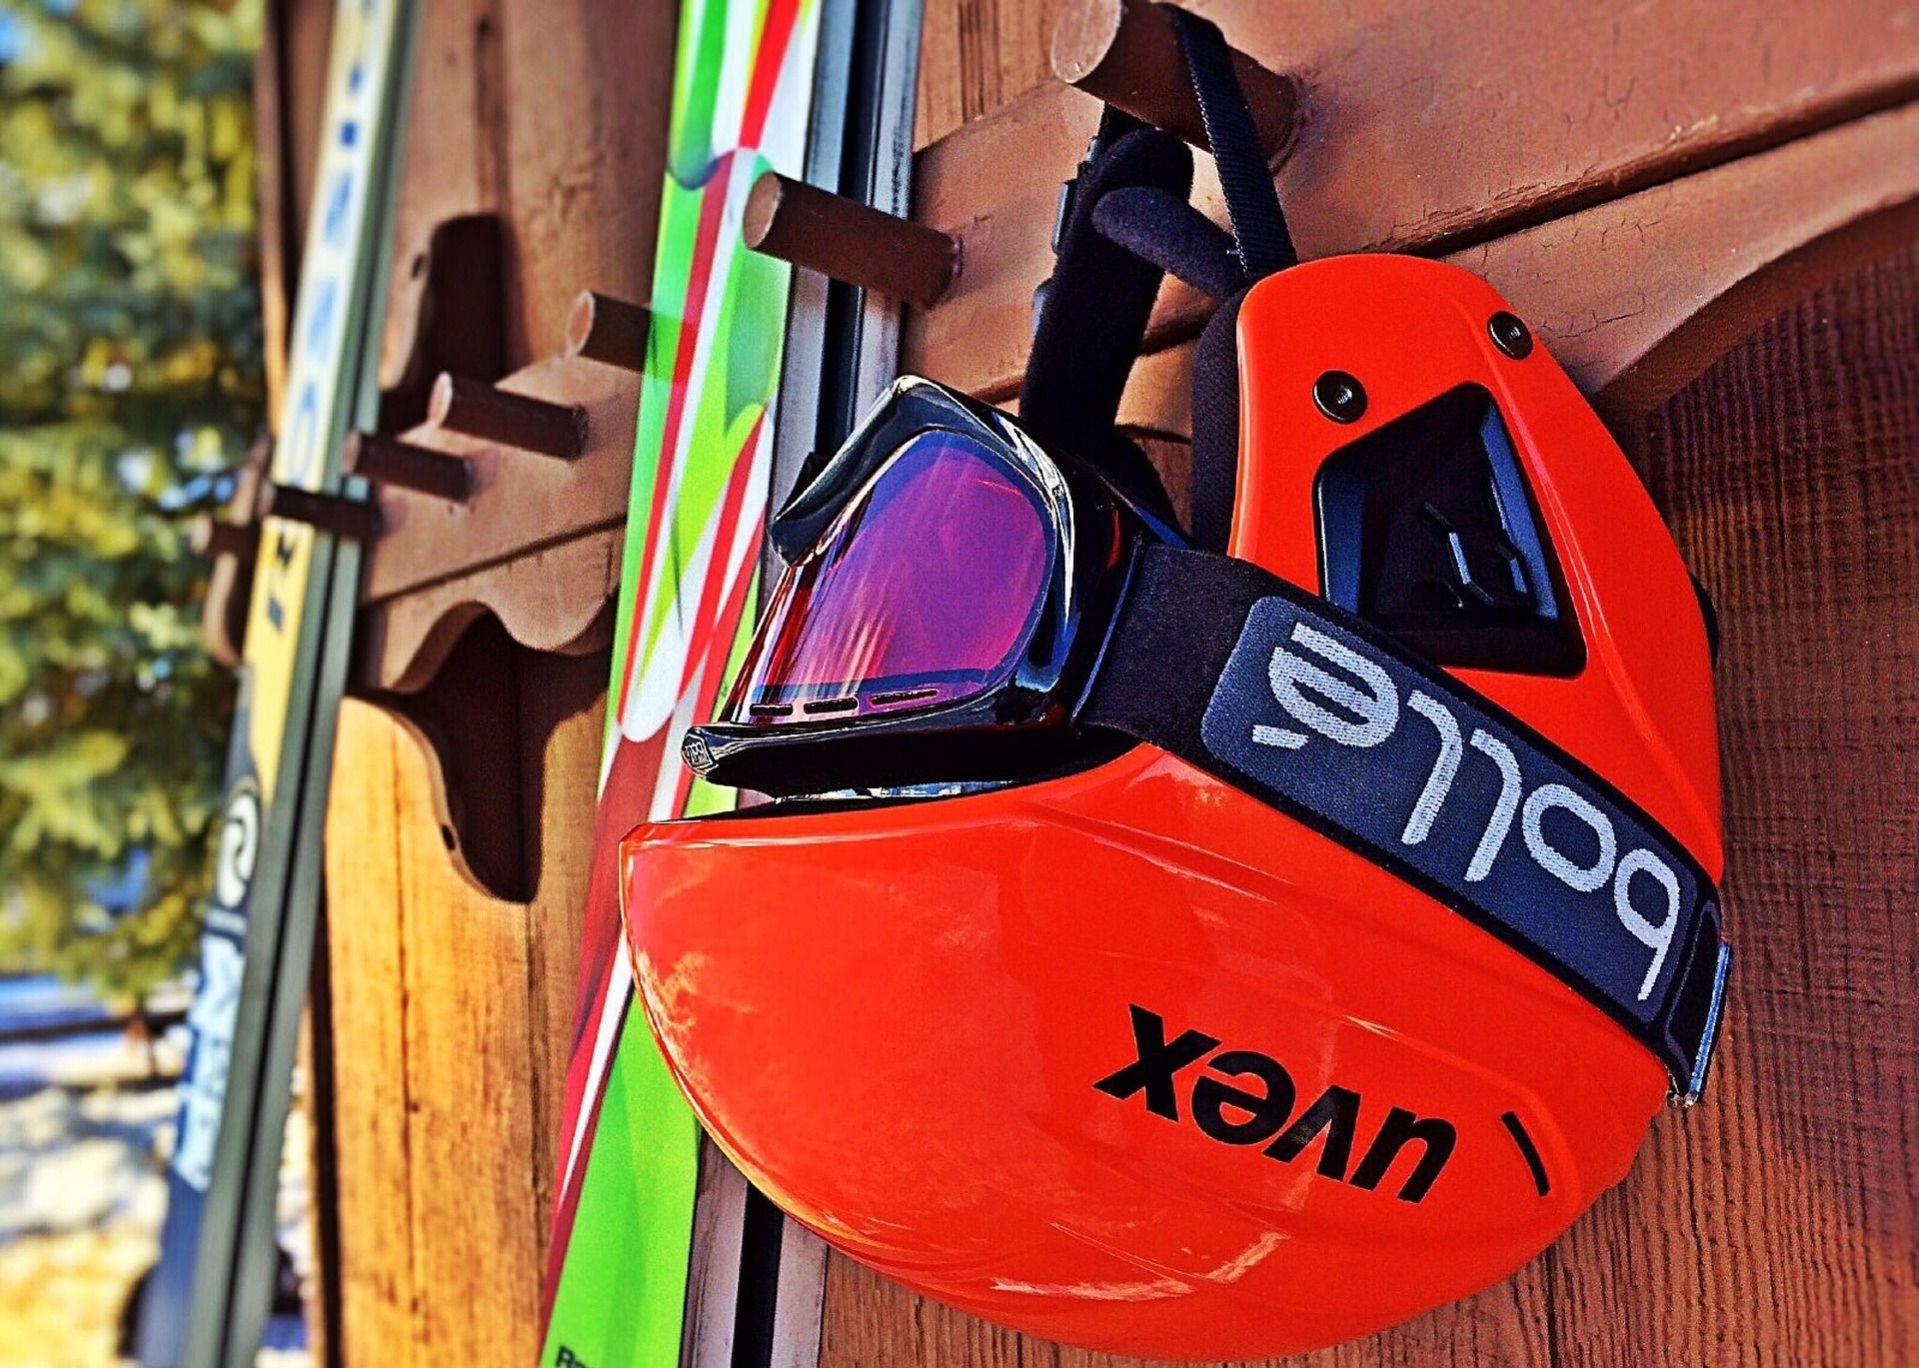 Cascos de esquí como este